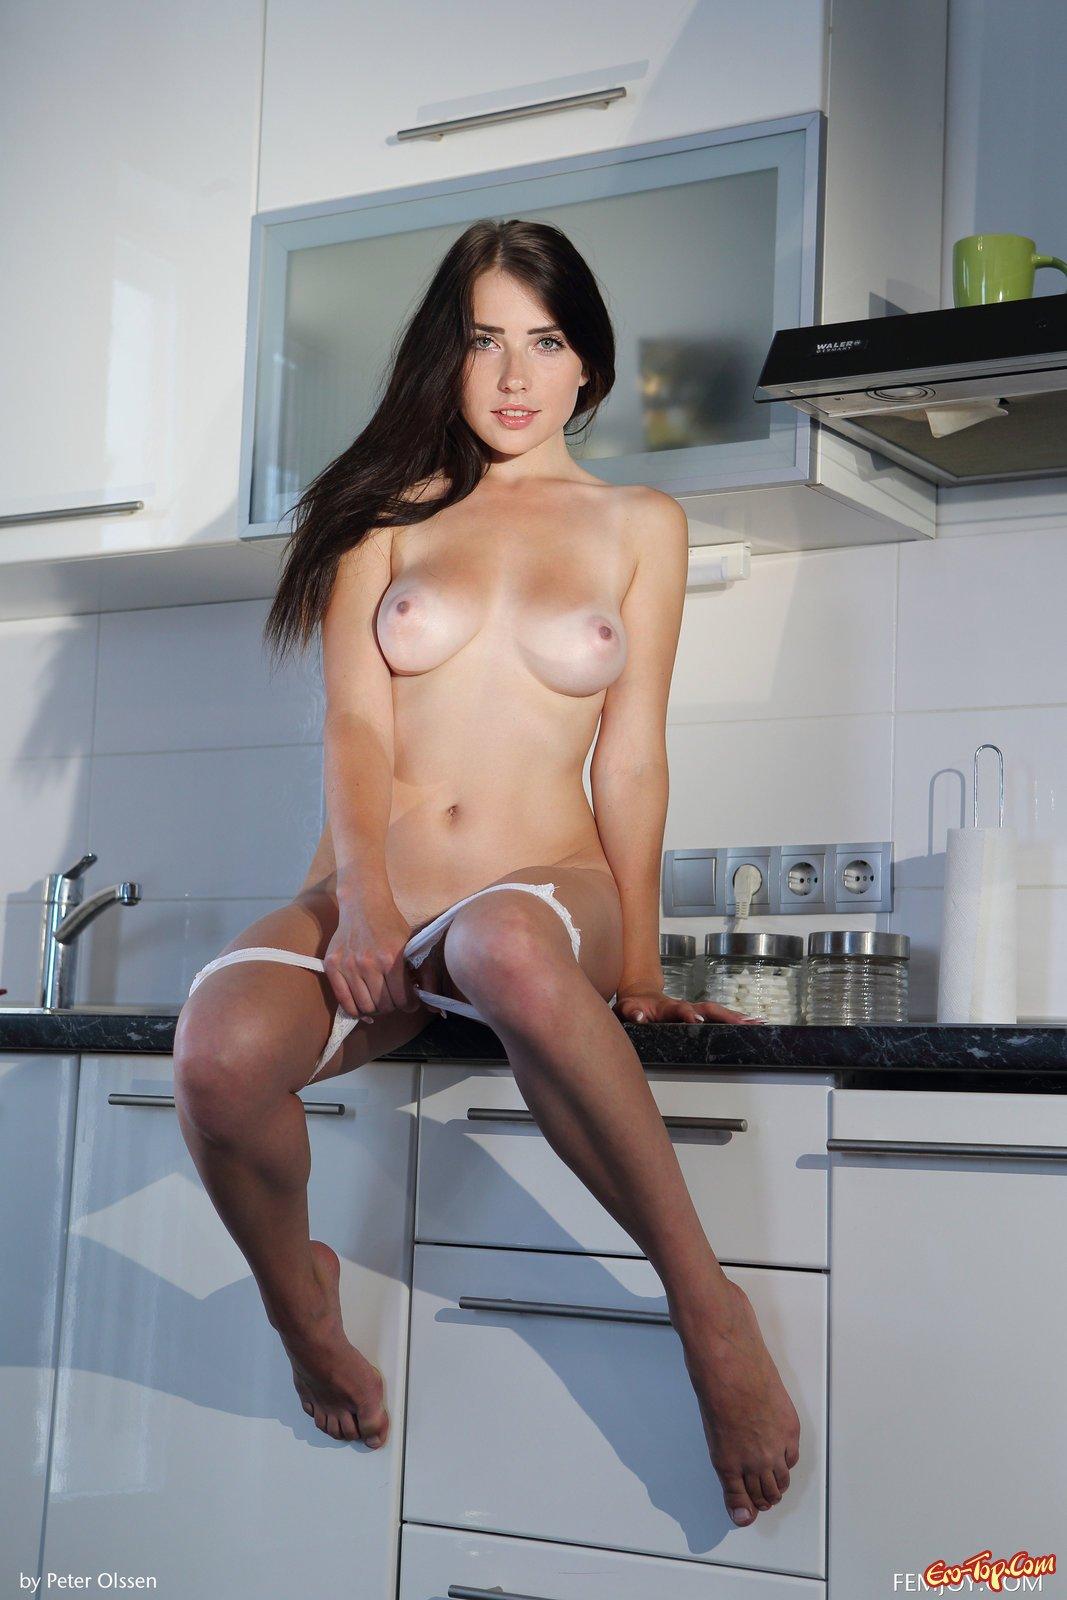 Модель с темными волосами в трусах сняла трусы на кухне